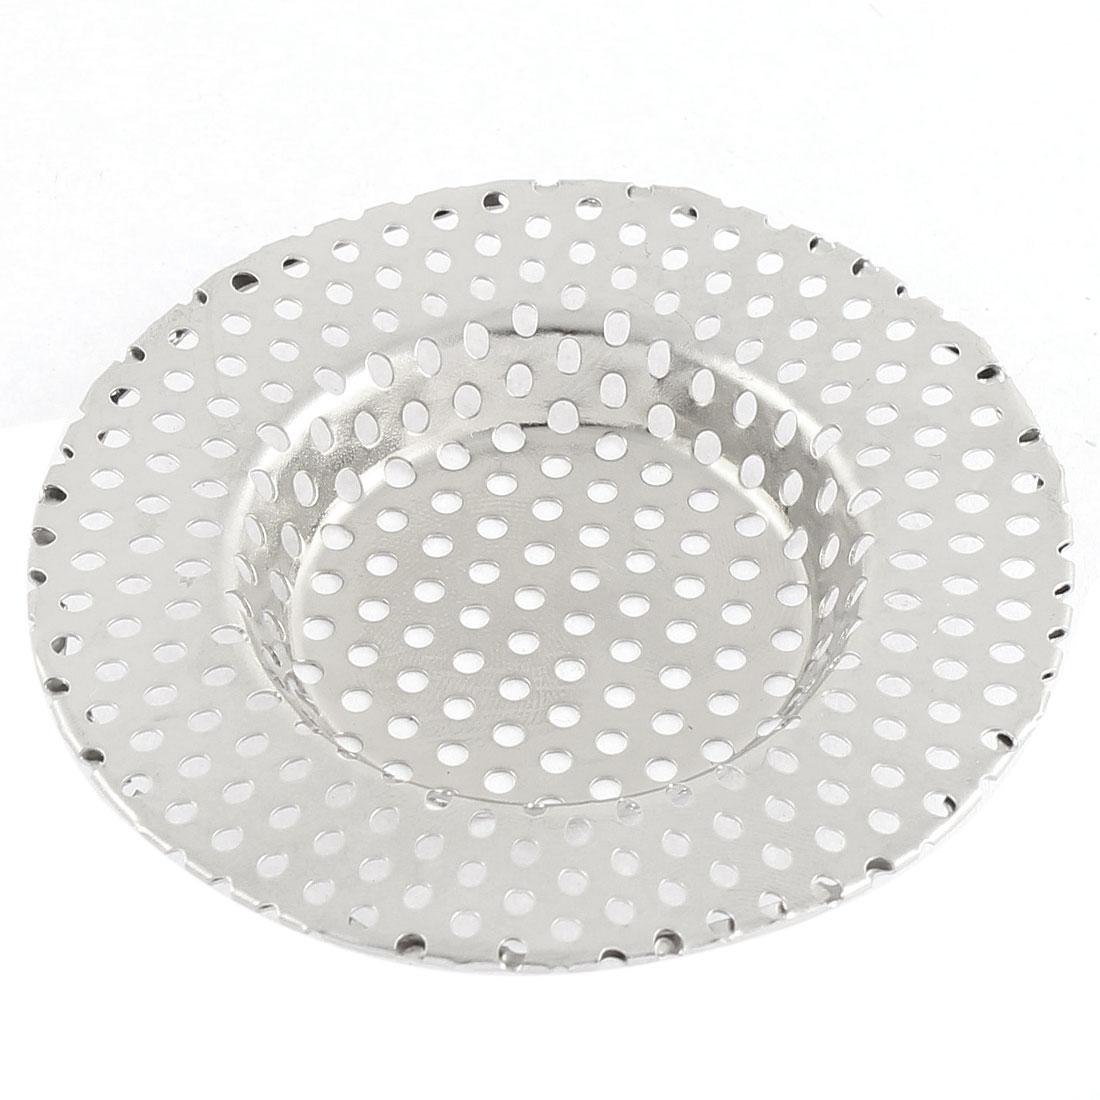 Kitchen Basin Sink Mesh Strainer Drainer Drain Net Cover Filter Stopper 70mm Dia